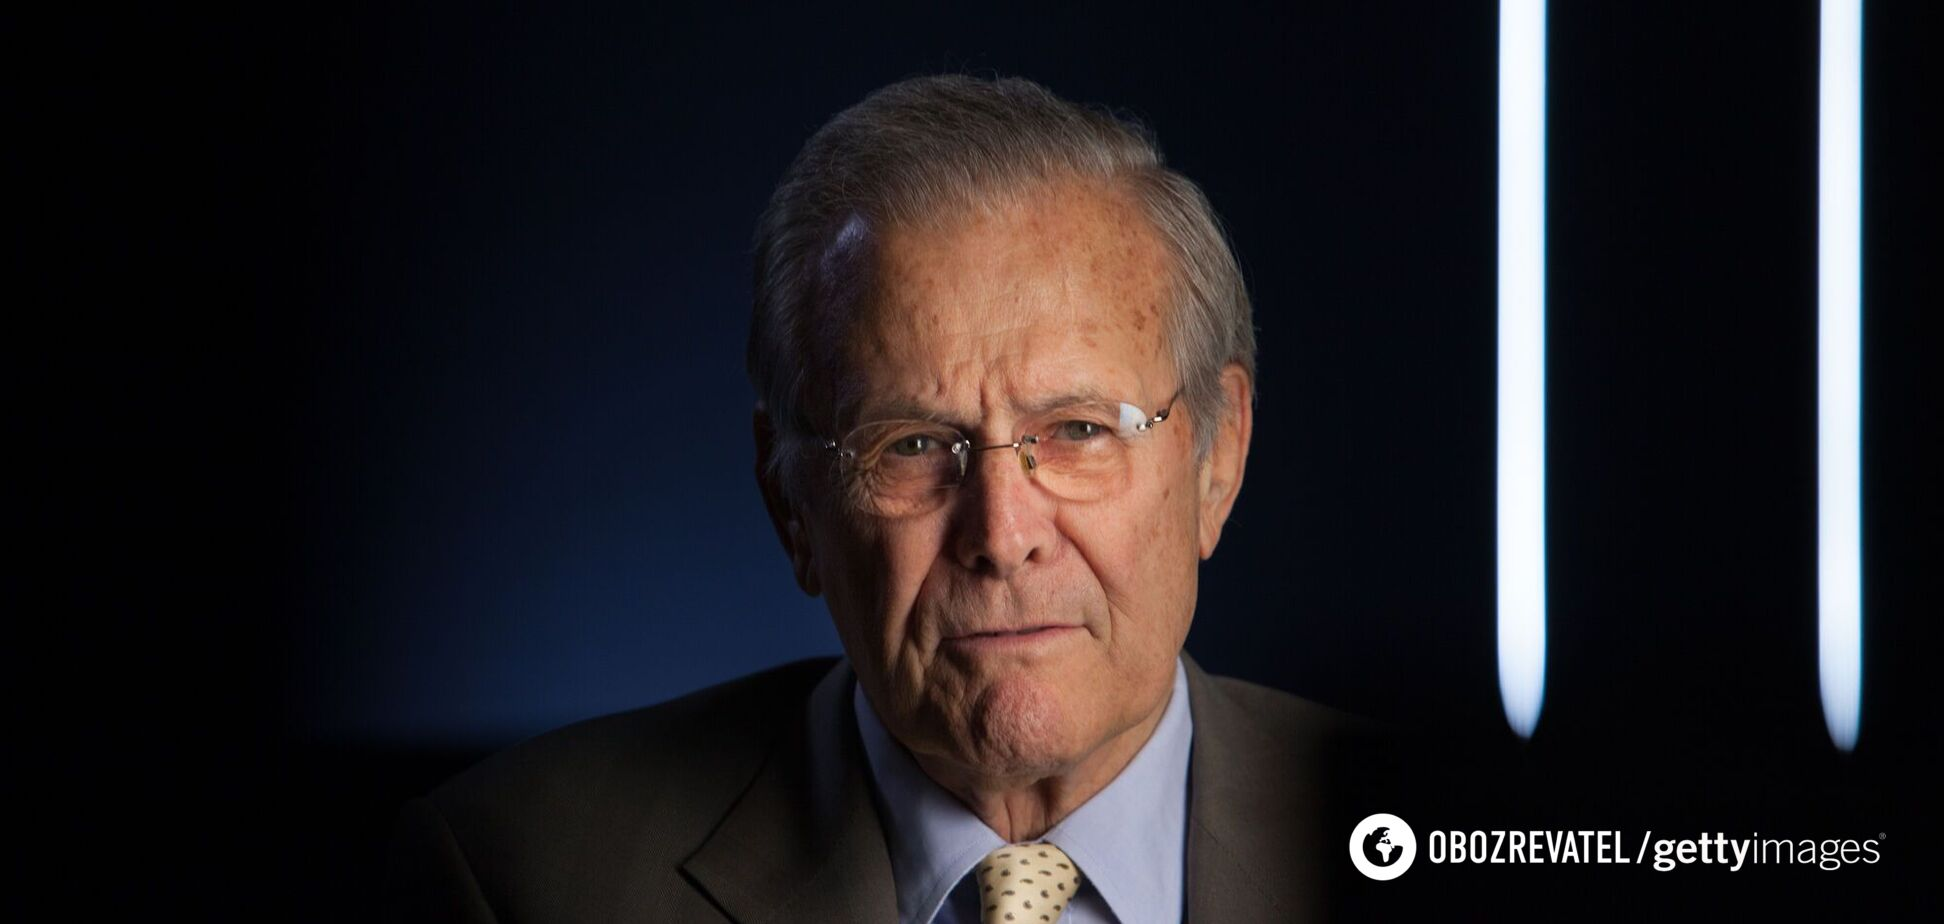 Помер ексглава Пентагону, який керував військовими операціями в Іраку та Афганістані